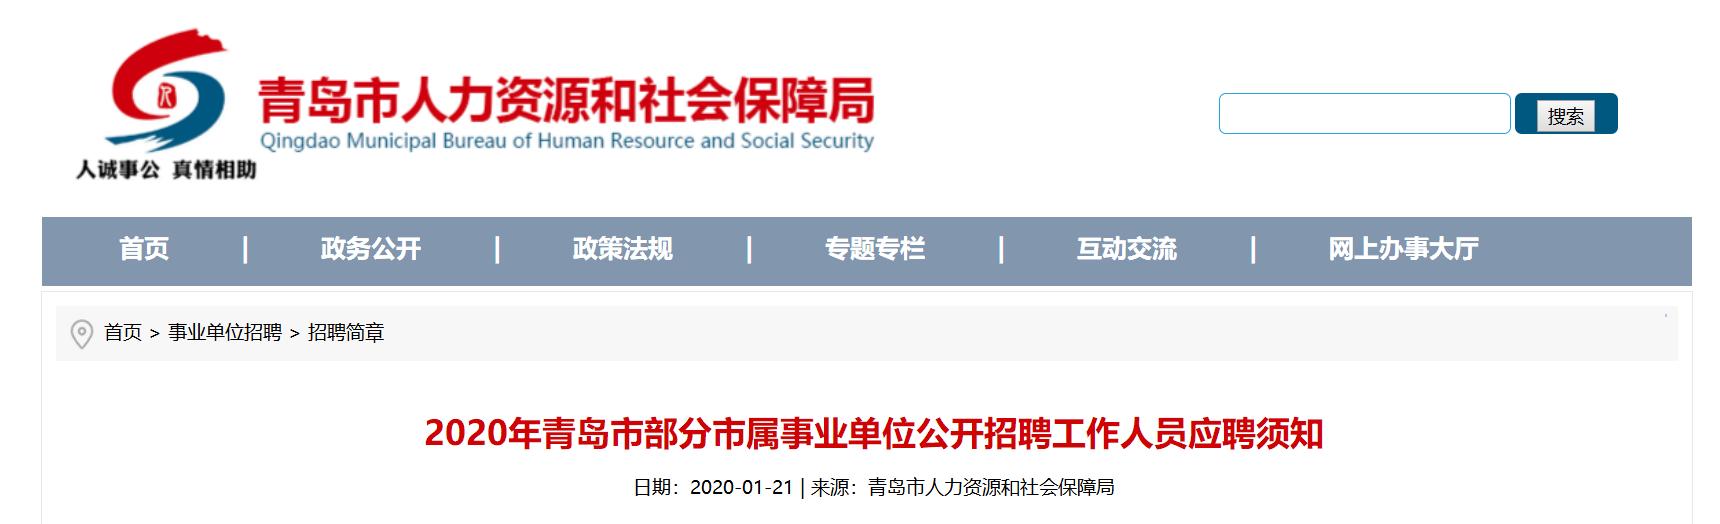 青岛市属事业单位招151人 2月7日